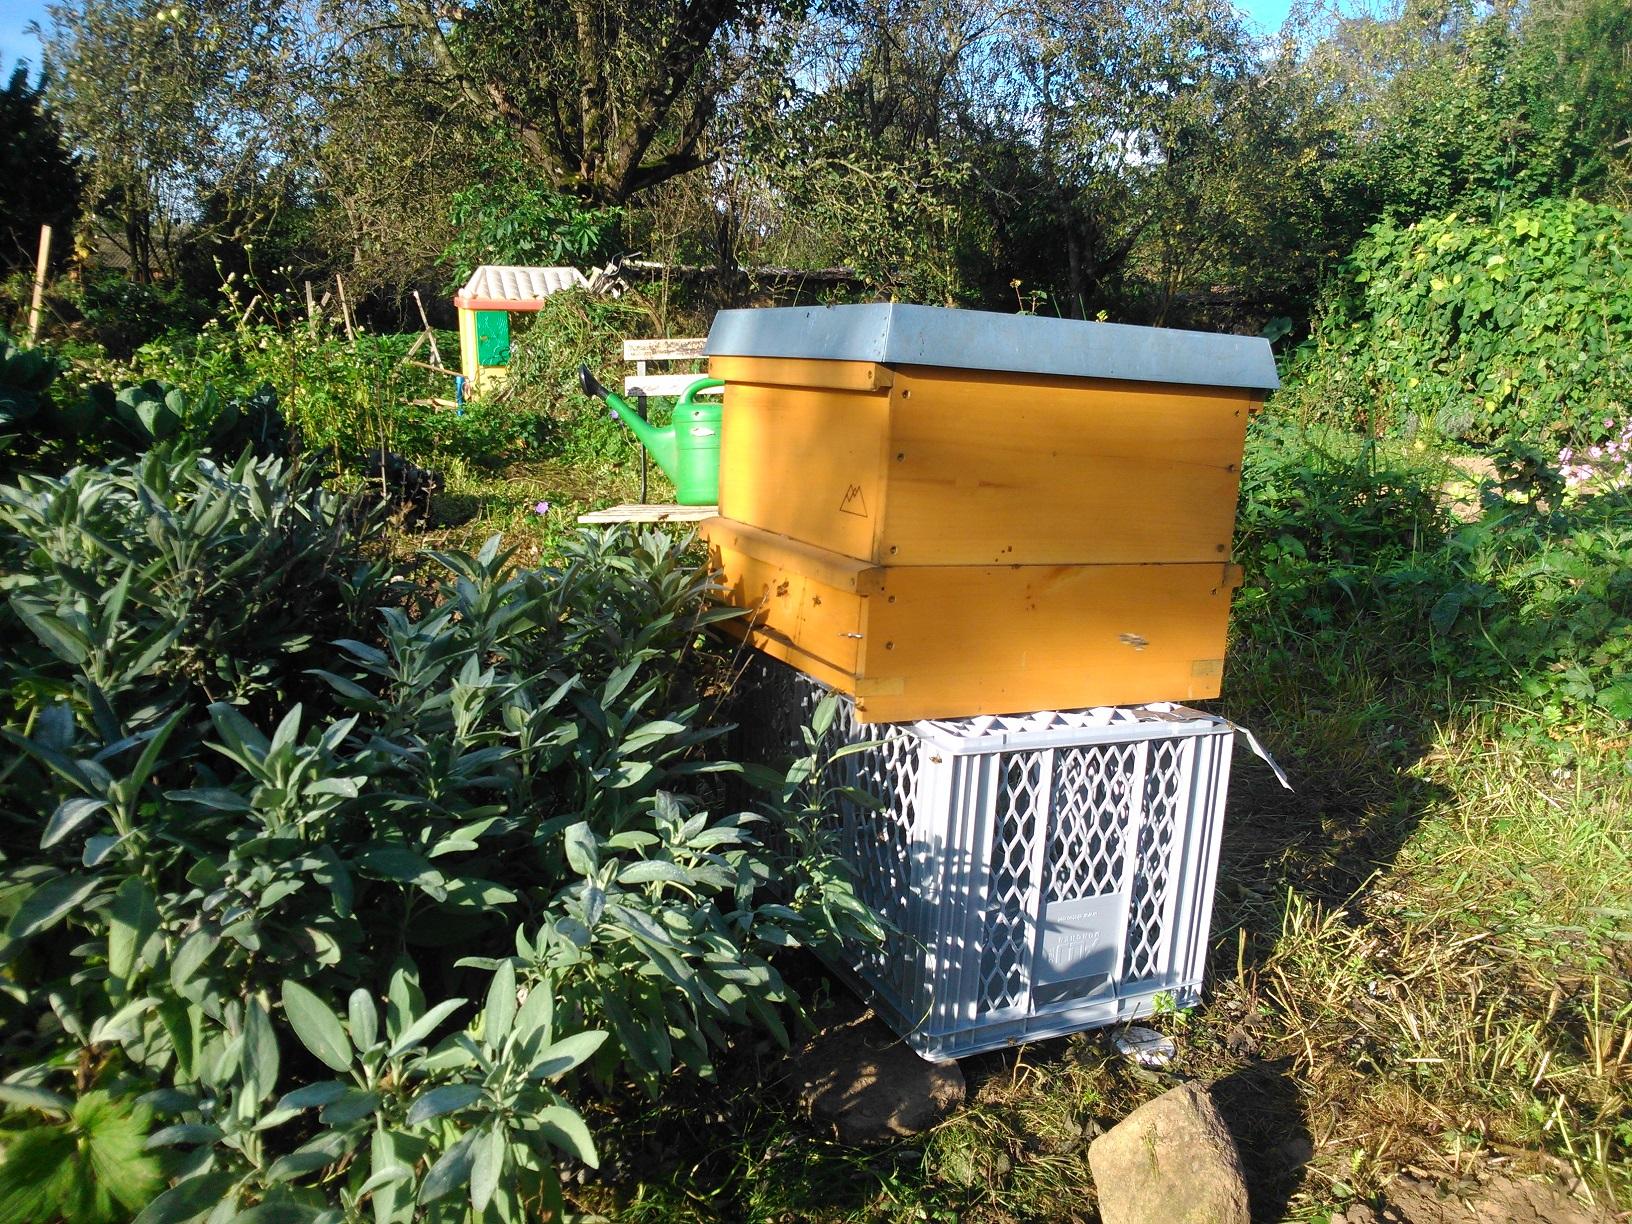 Bienenkasten im Garten